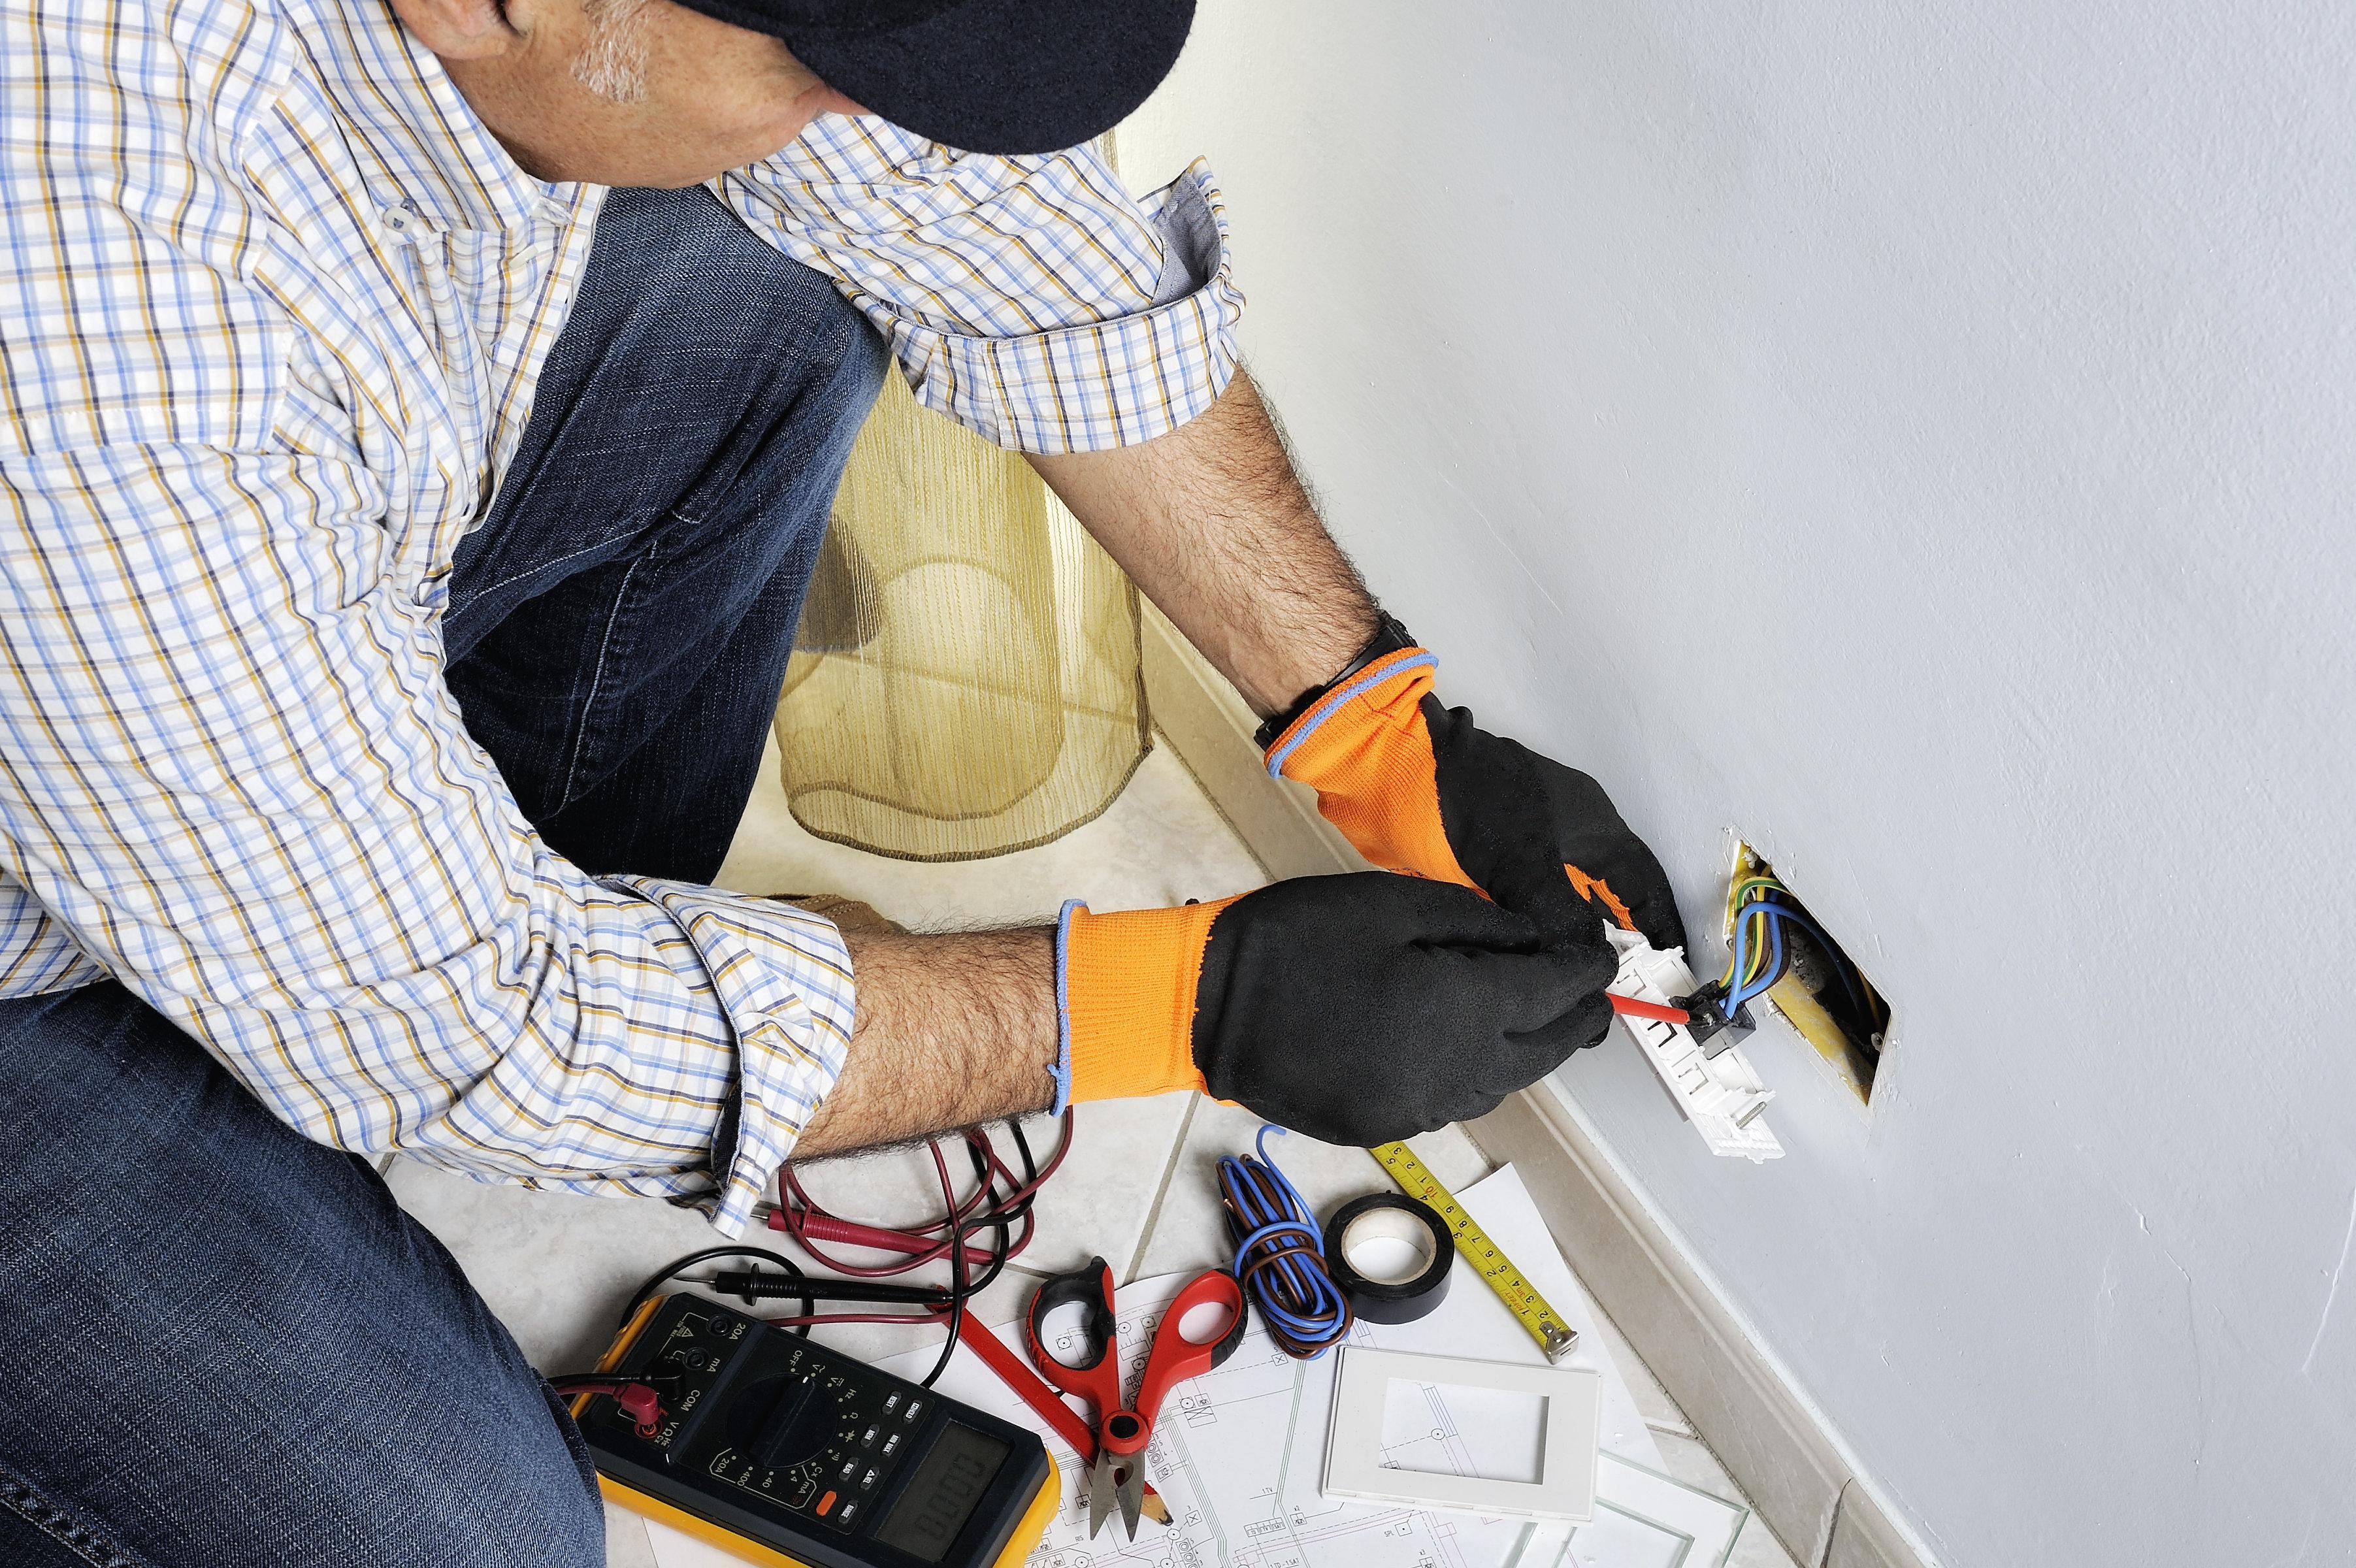 Münchner Elektriker entfernt Steckdose – hinter der Wand macht er den Fund seines Lebens